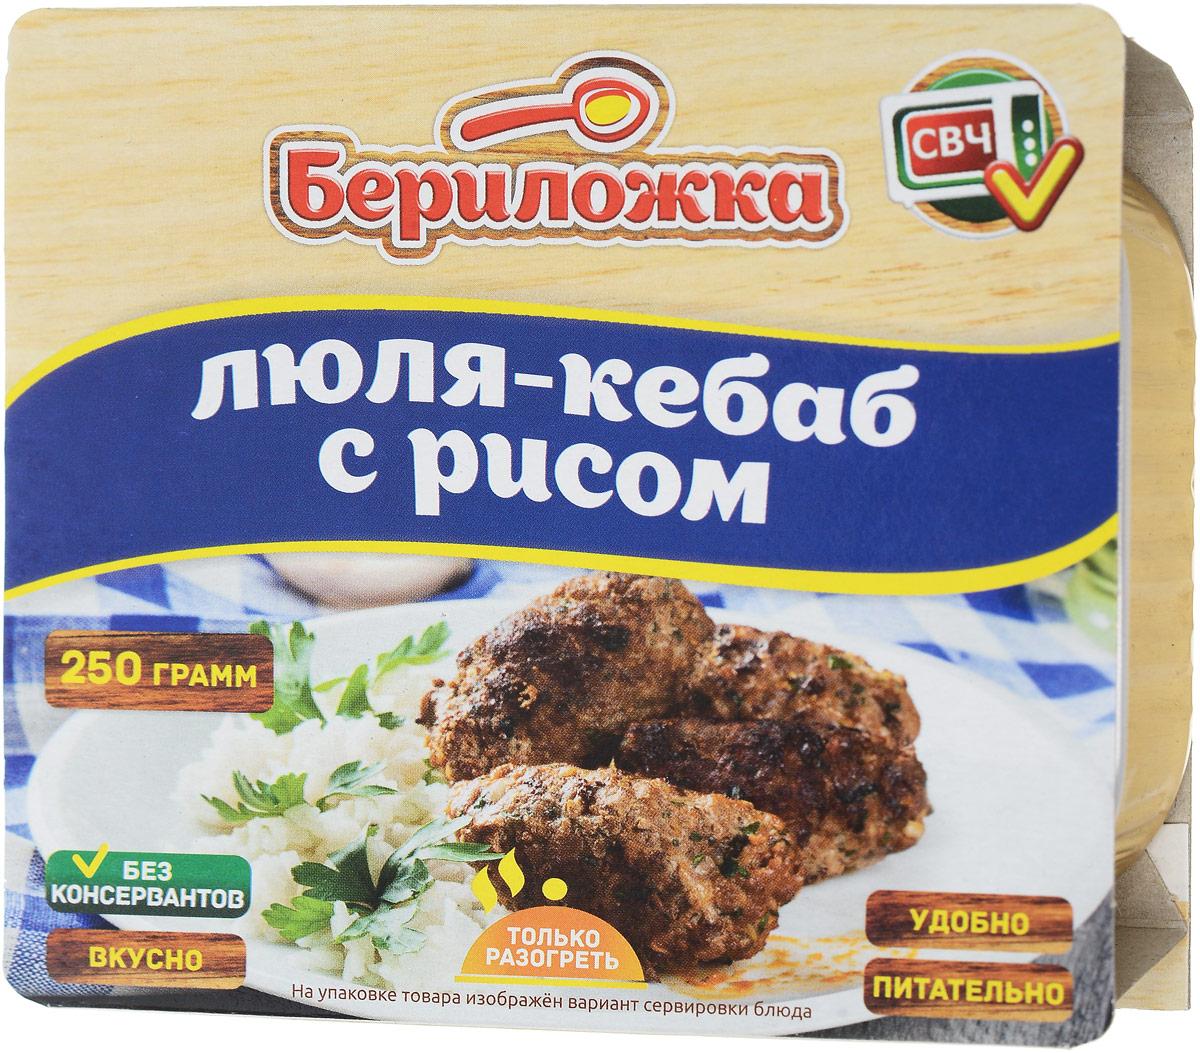 Бериложка люля-кебаб с рисом, 250 г